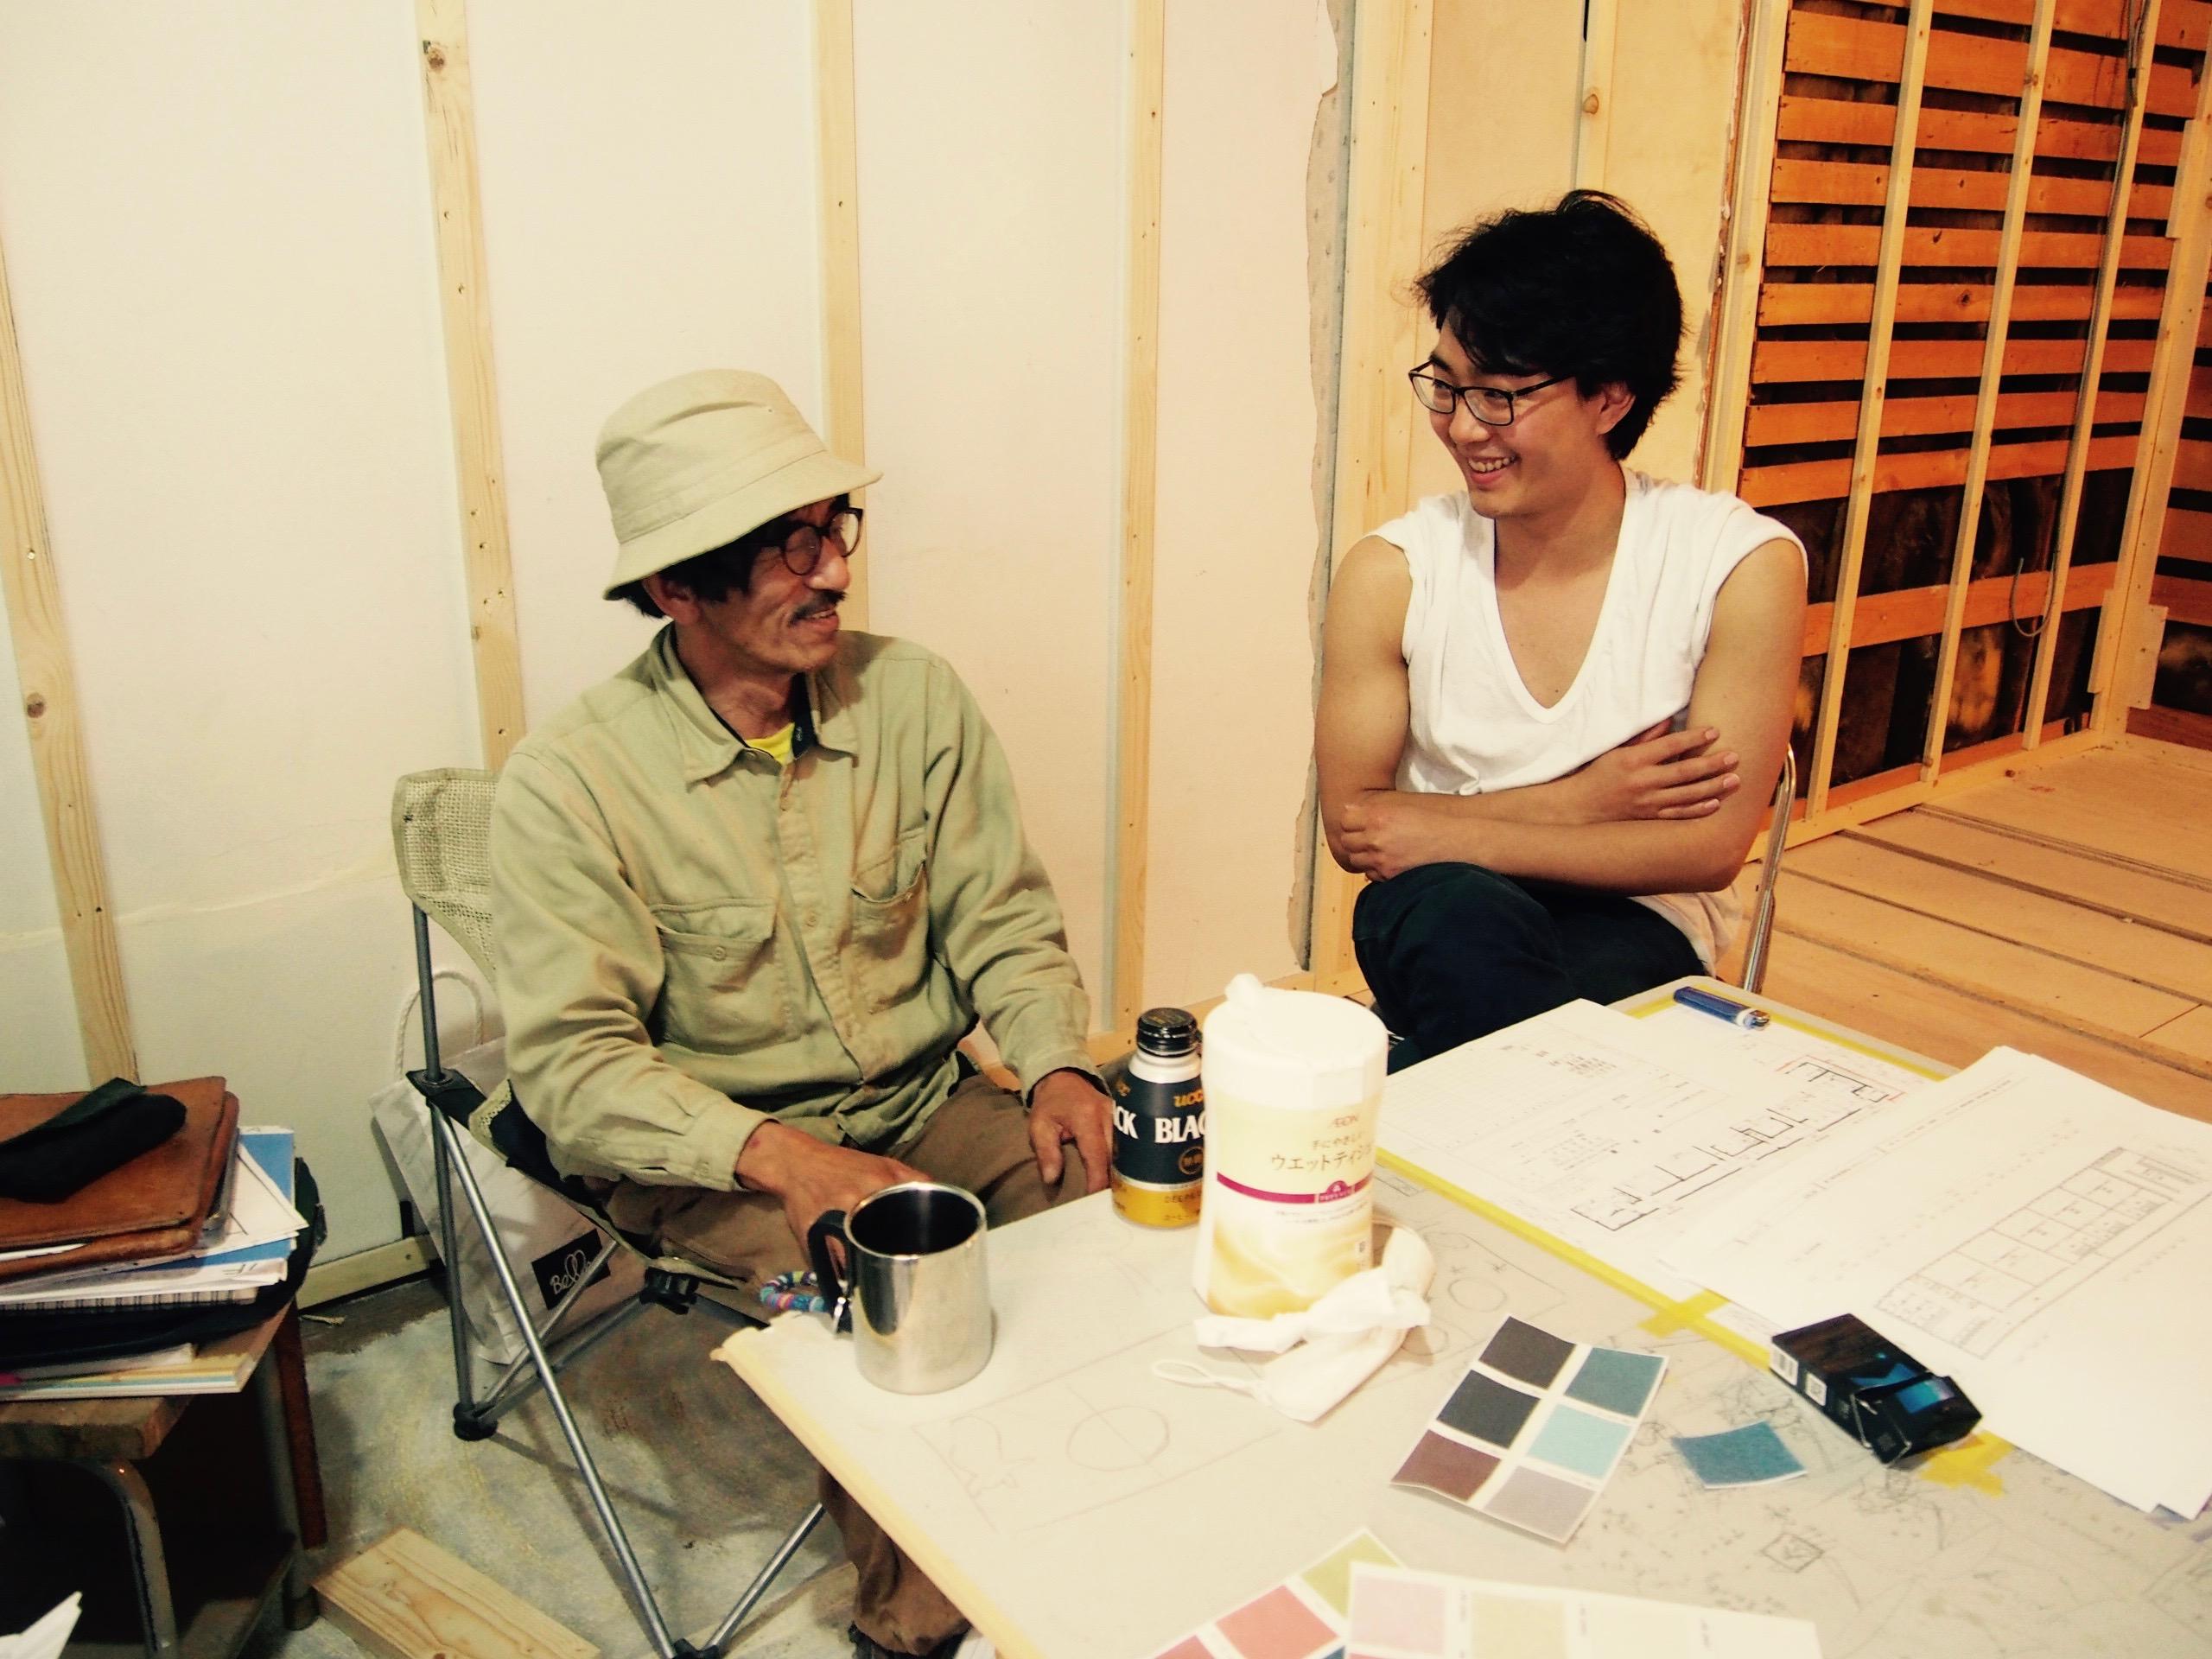 ゲストハウスyuyuの大工さん、木沢幸彦さんとマネージャー木村